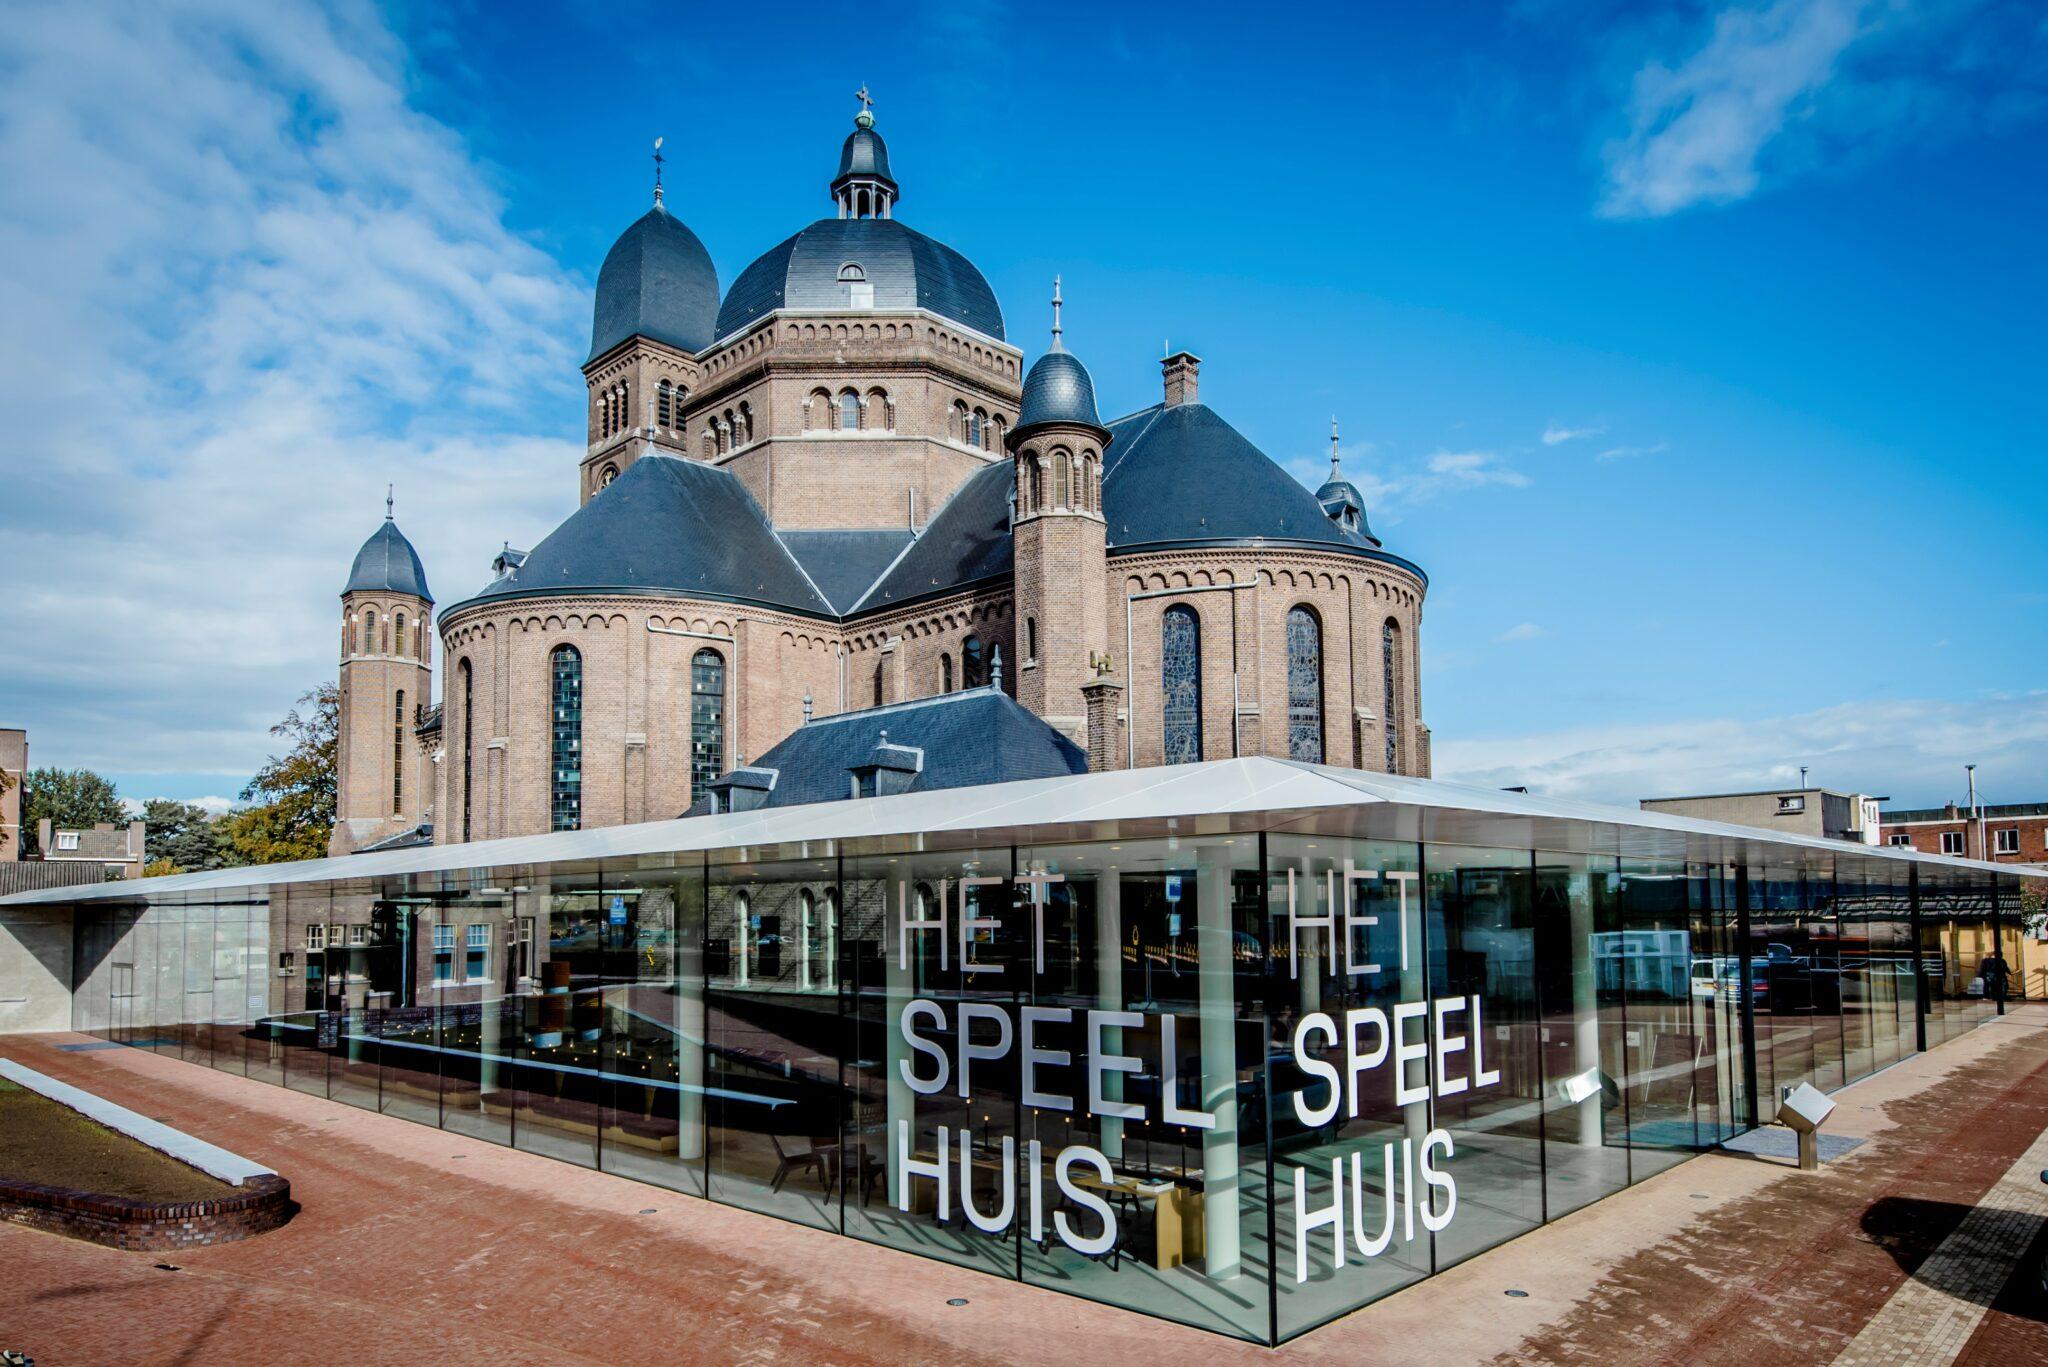 Het Speelhuis_Algemeen (foto door Dave van Hout)